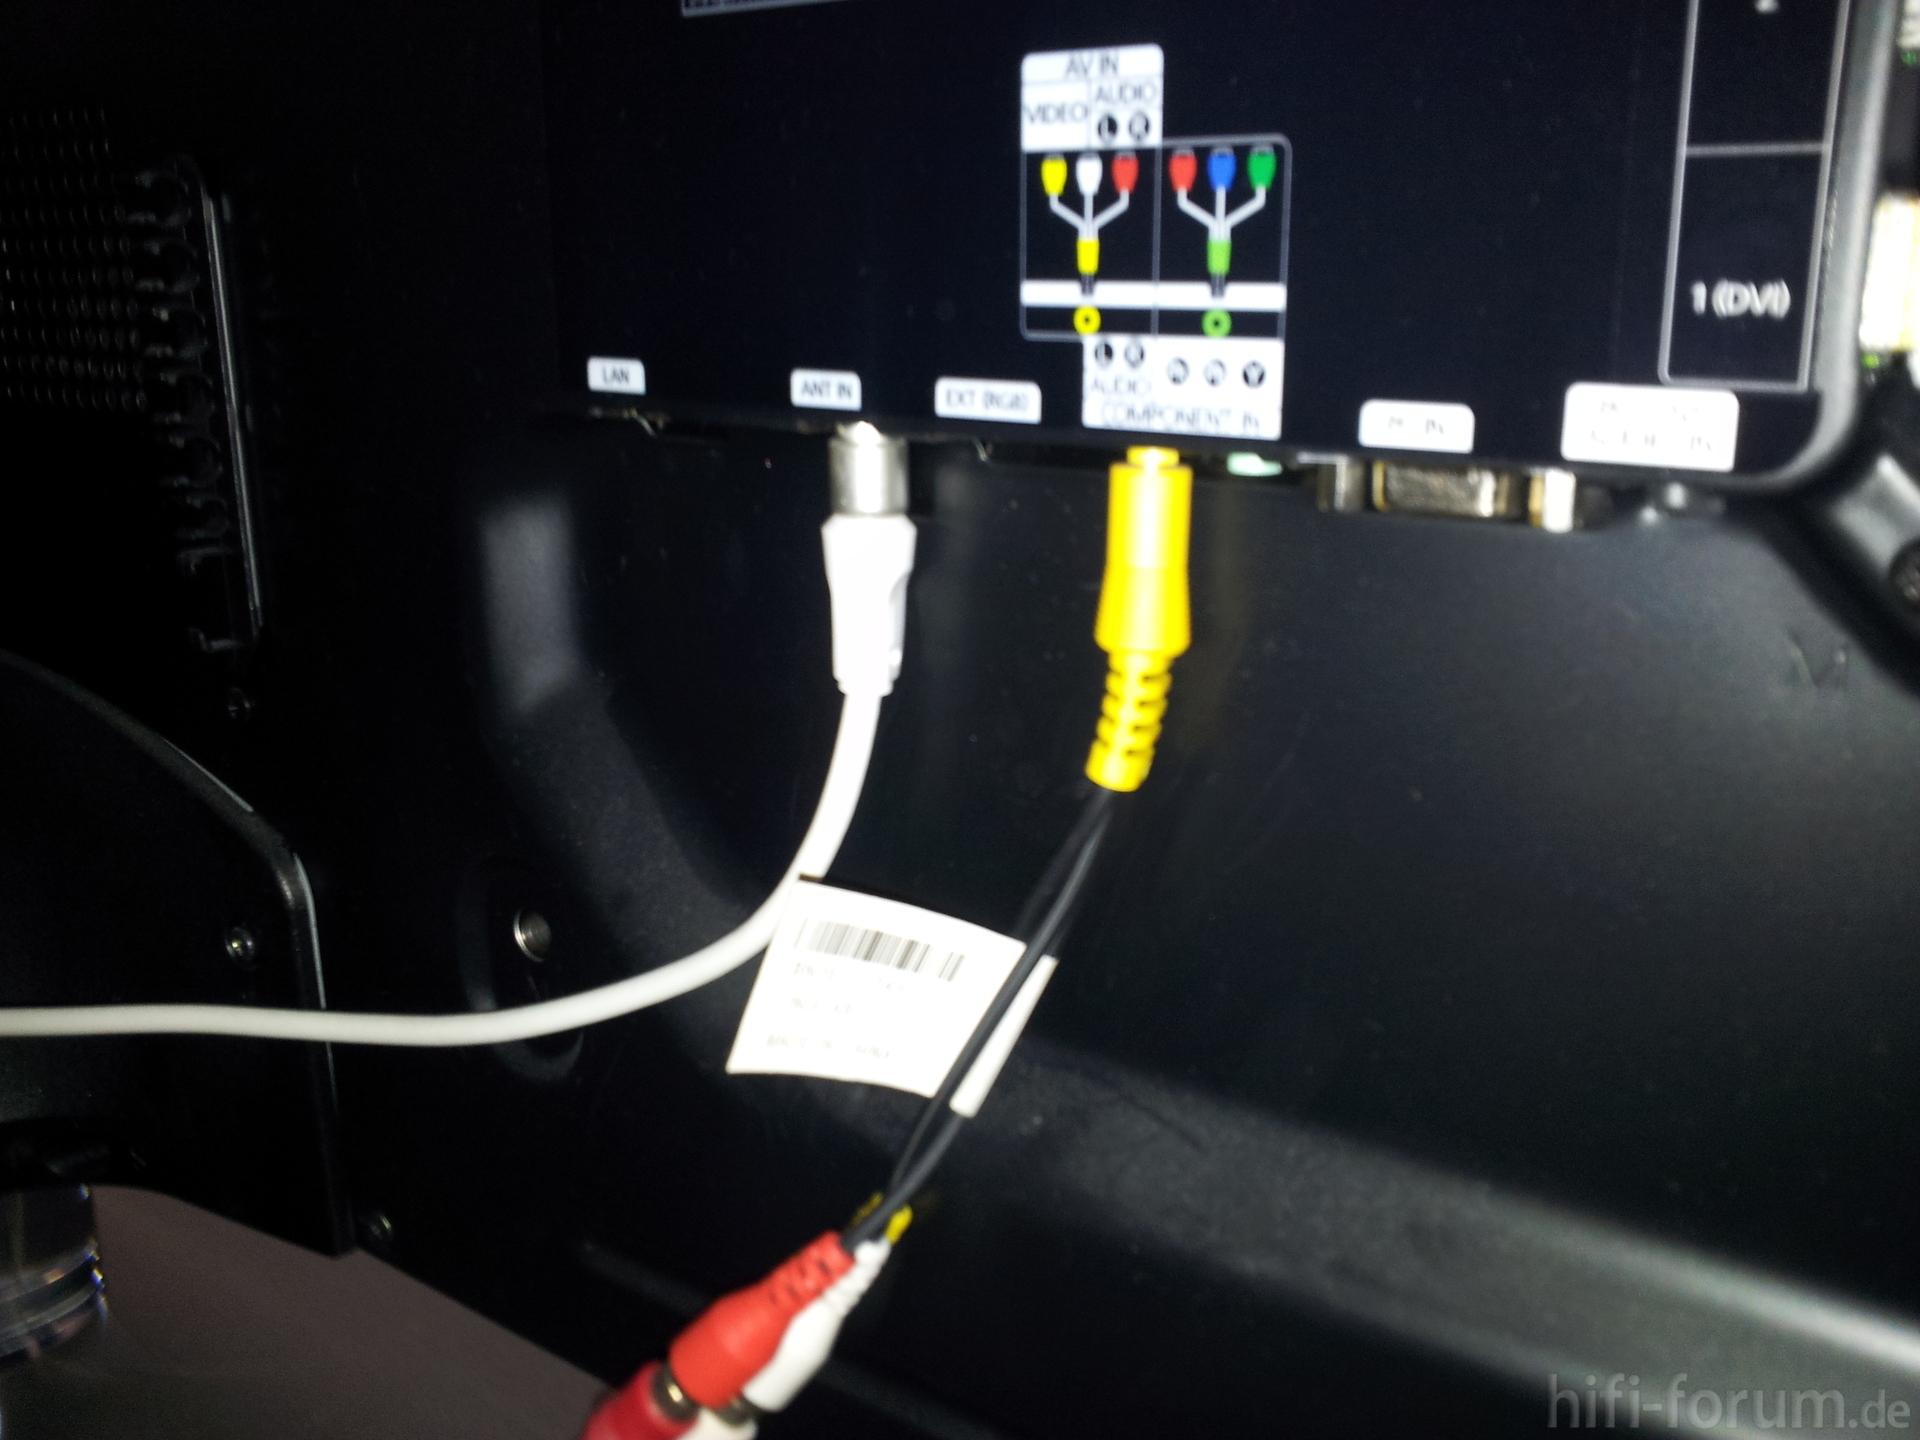 Samsung LED TV ohne Audio Ausgang, Anschluss & Verkabelung - HIFI-FORUM